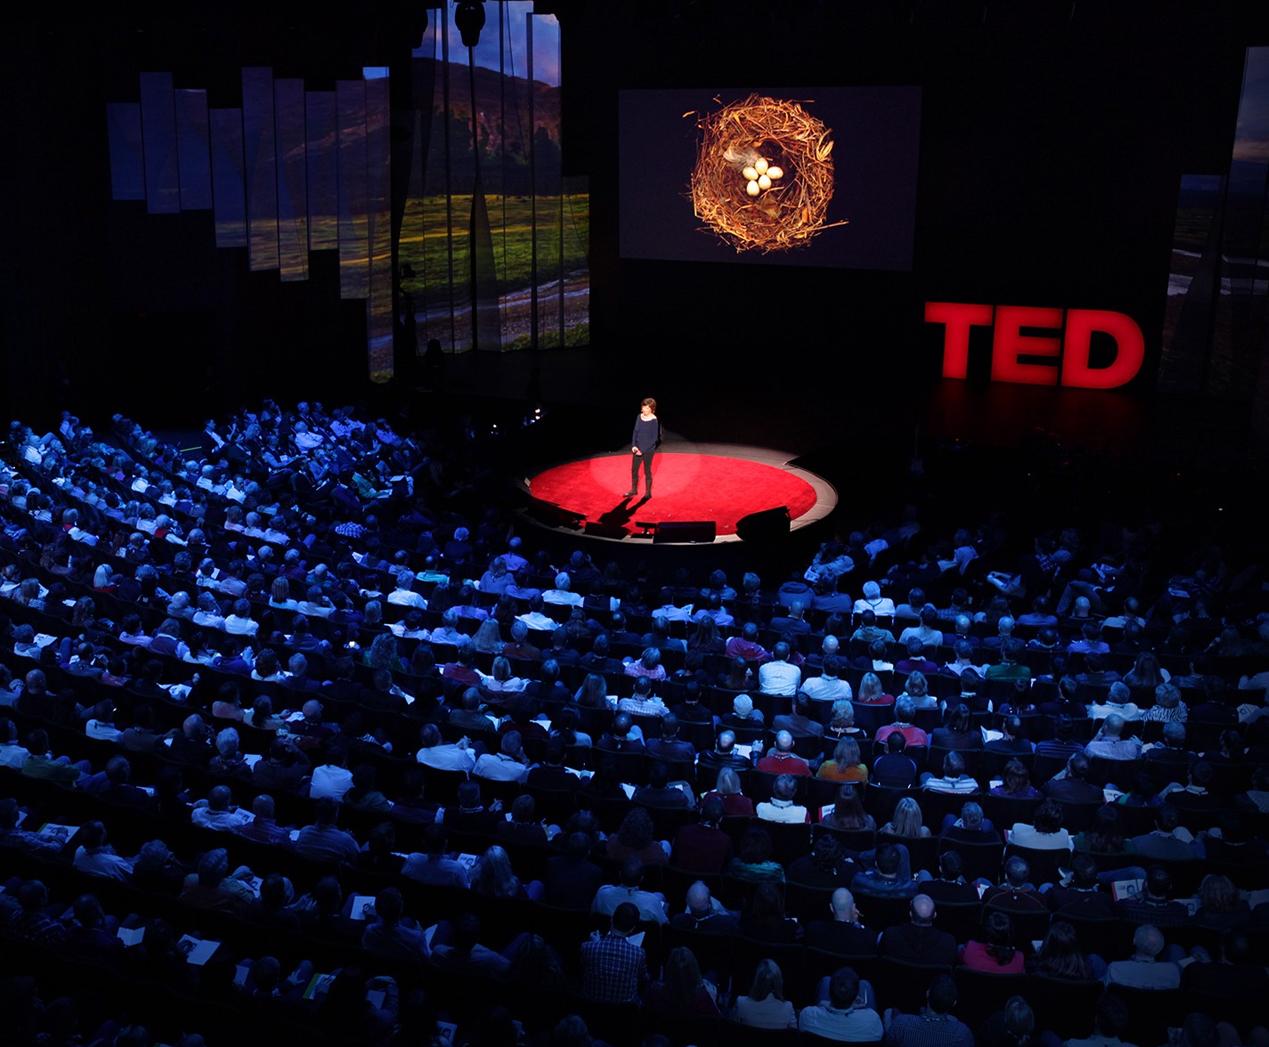 کلاس TED Talk